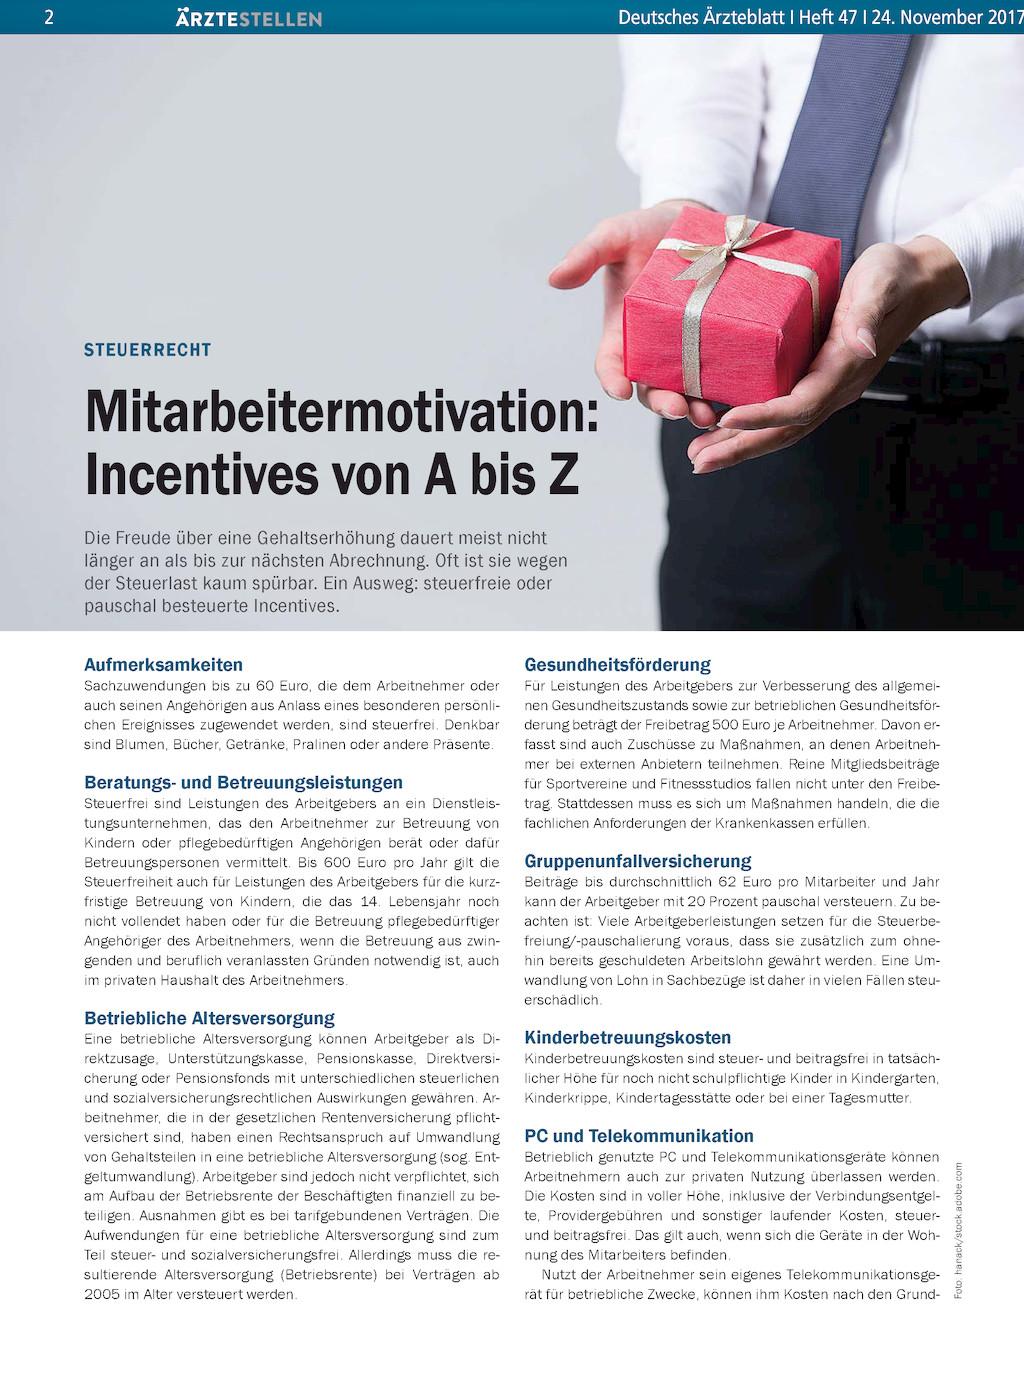 steuerrecht mitarbeitermotivation incentives von a bis z. Black Bedroom Furniture Sets. Home Design Ideas